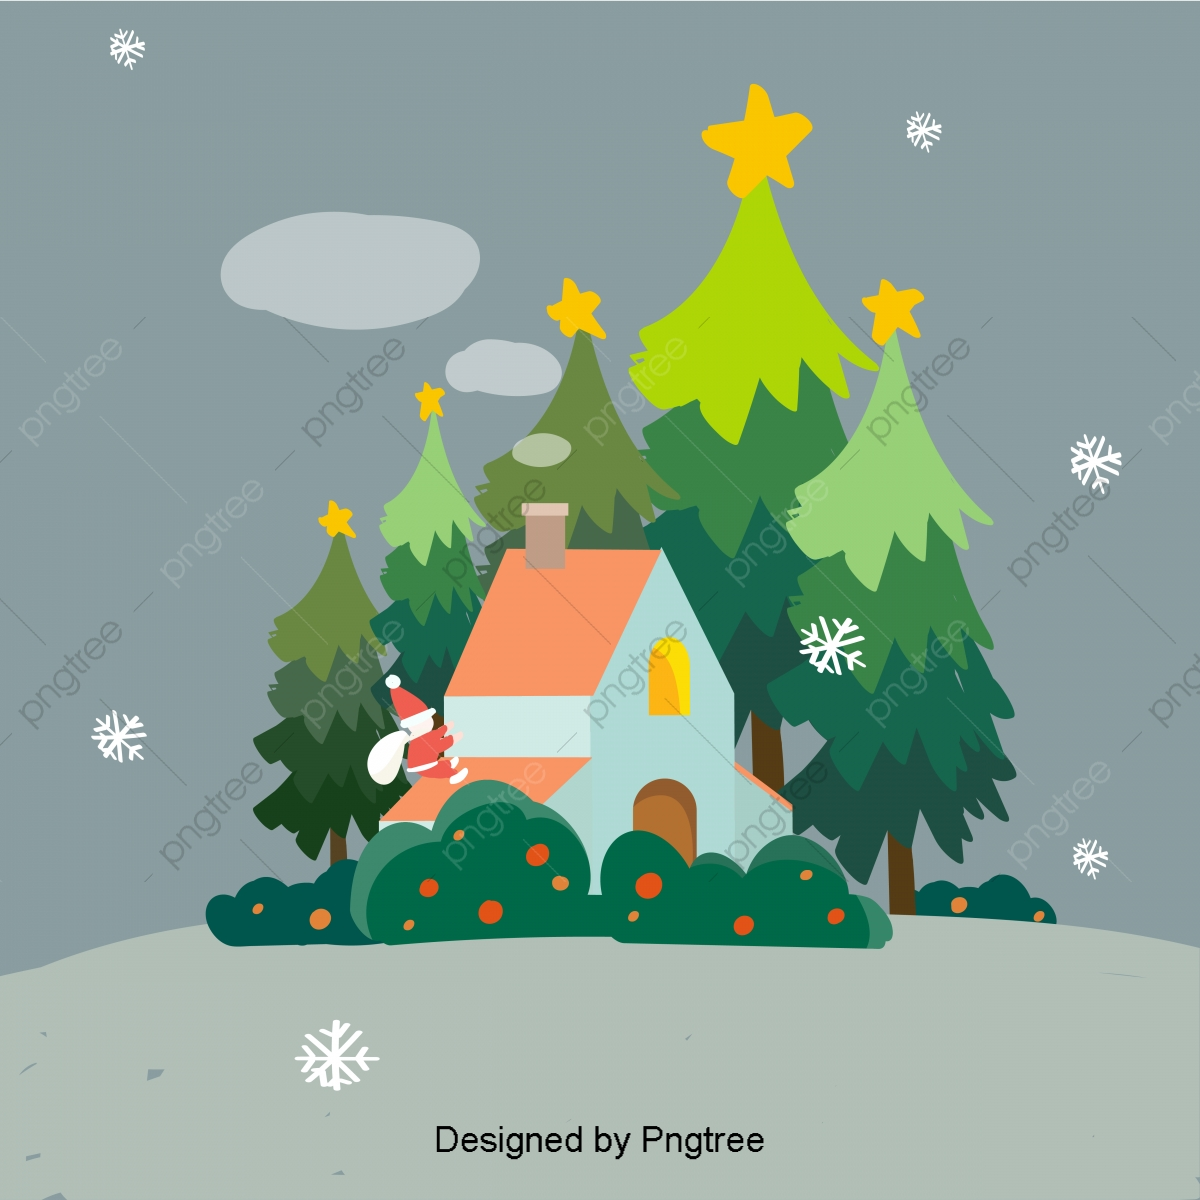 Gula Gula Warna Yang Lucu Meresap Doodle Anak Gaya Natal